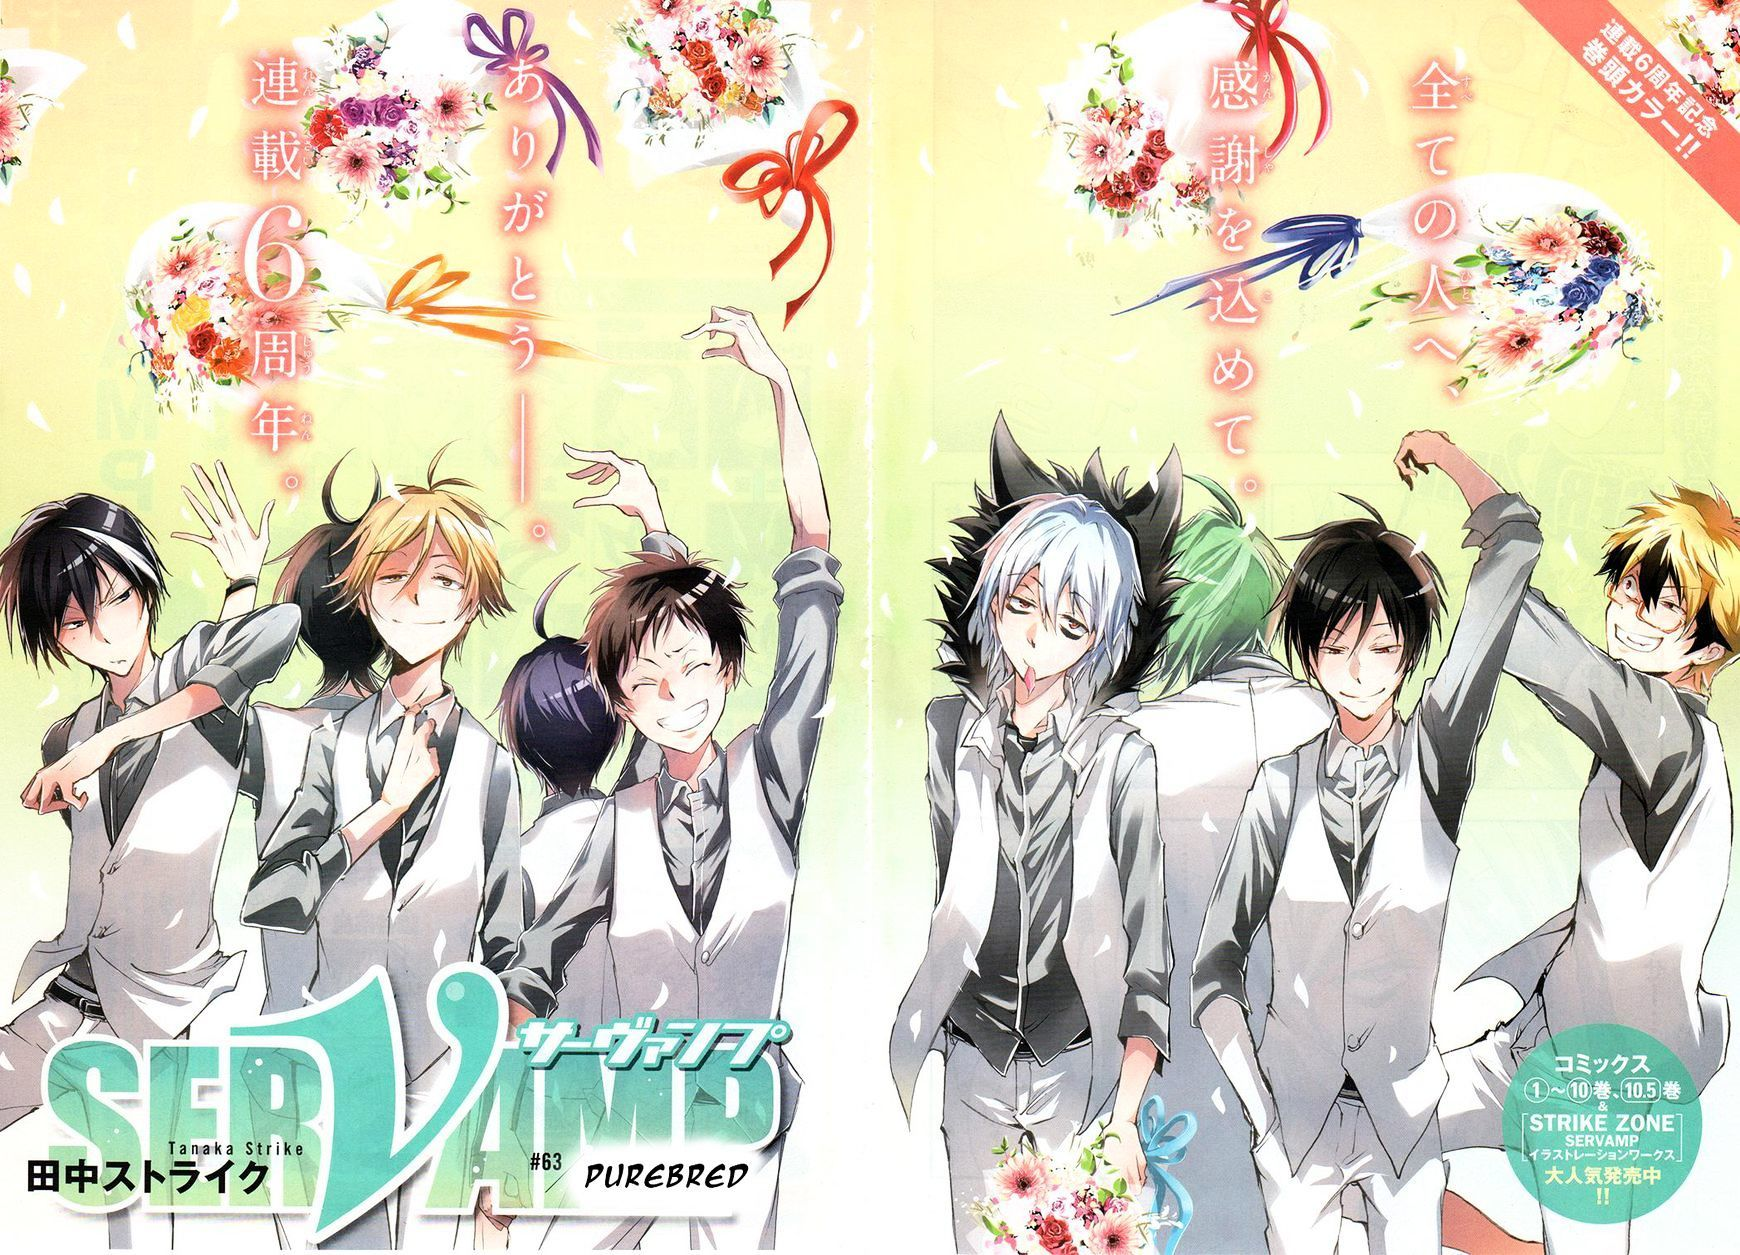 Servamp Anime Films Anime Wallpaper Anime